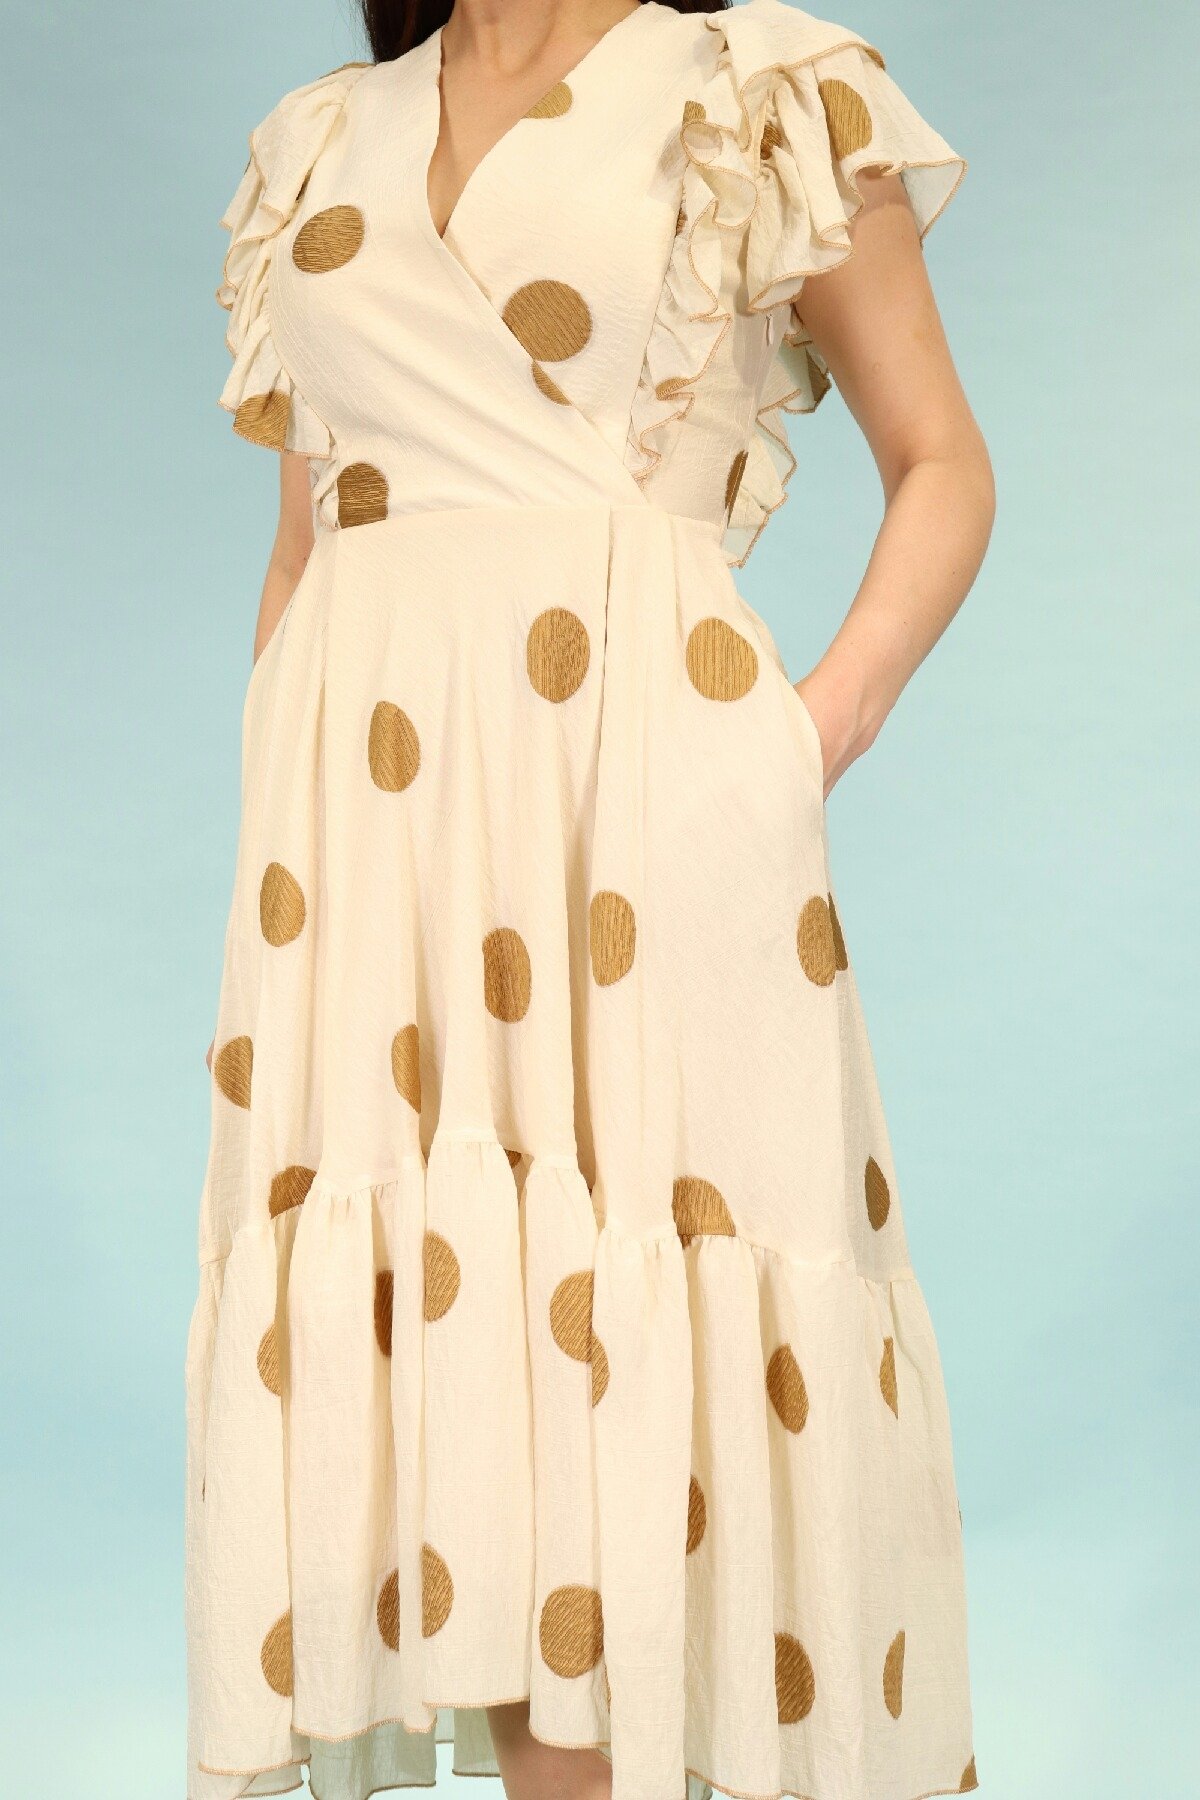 Day Dresses Medium-Beige